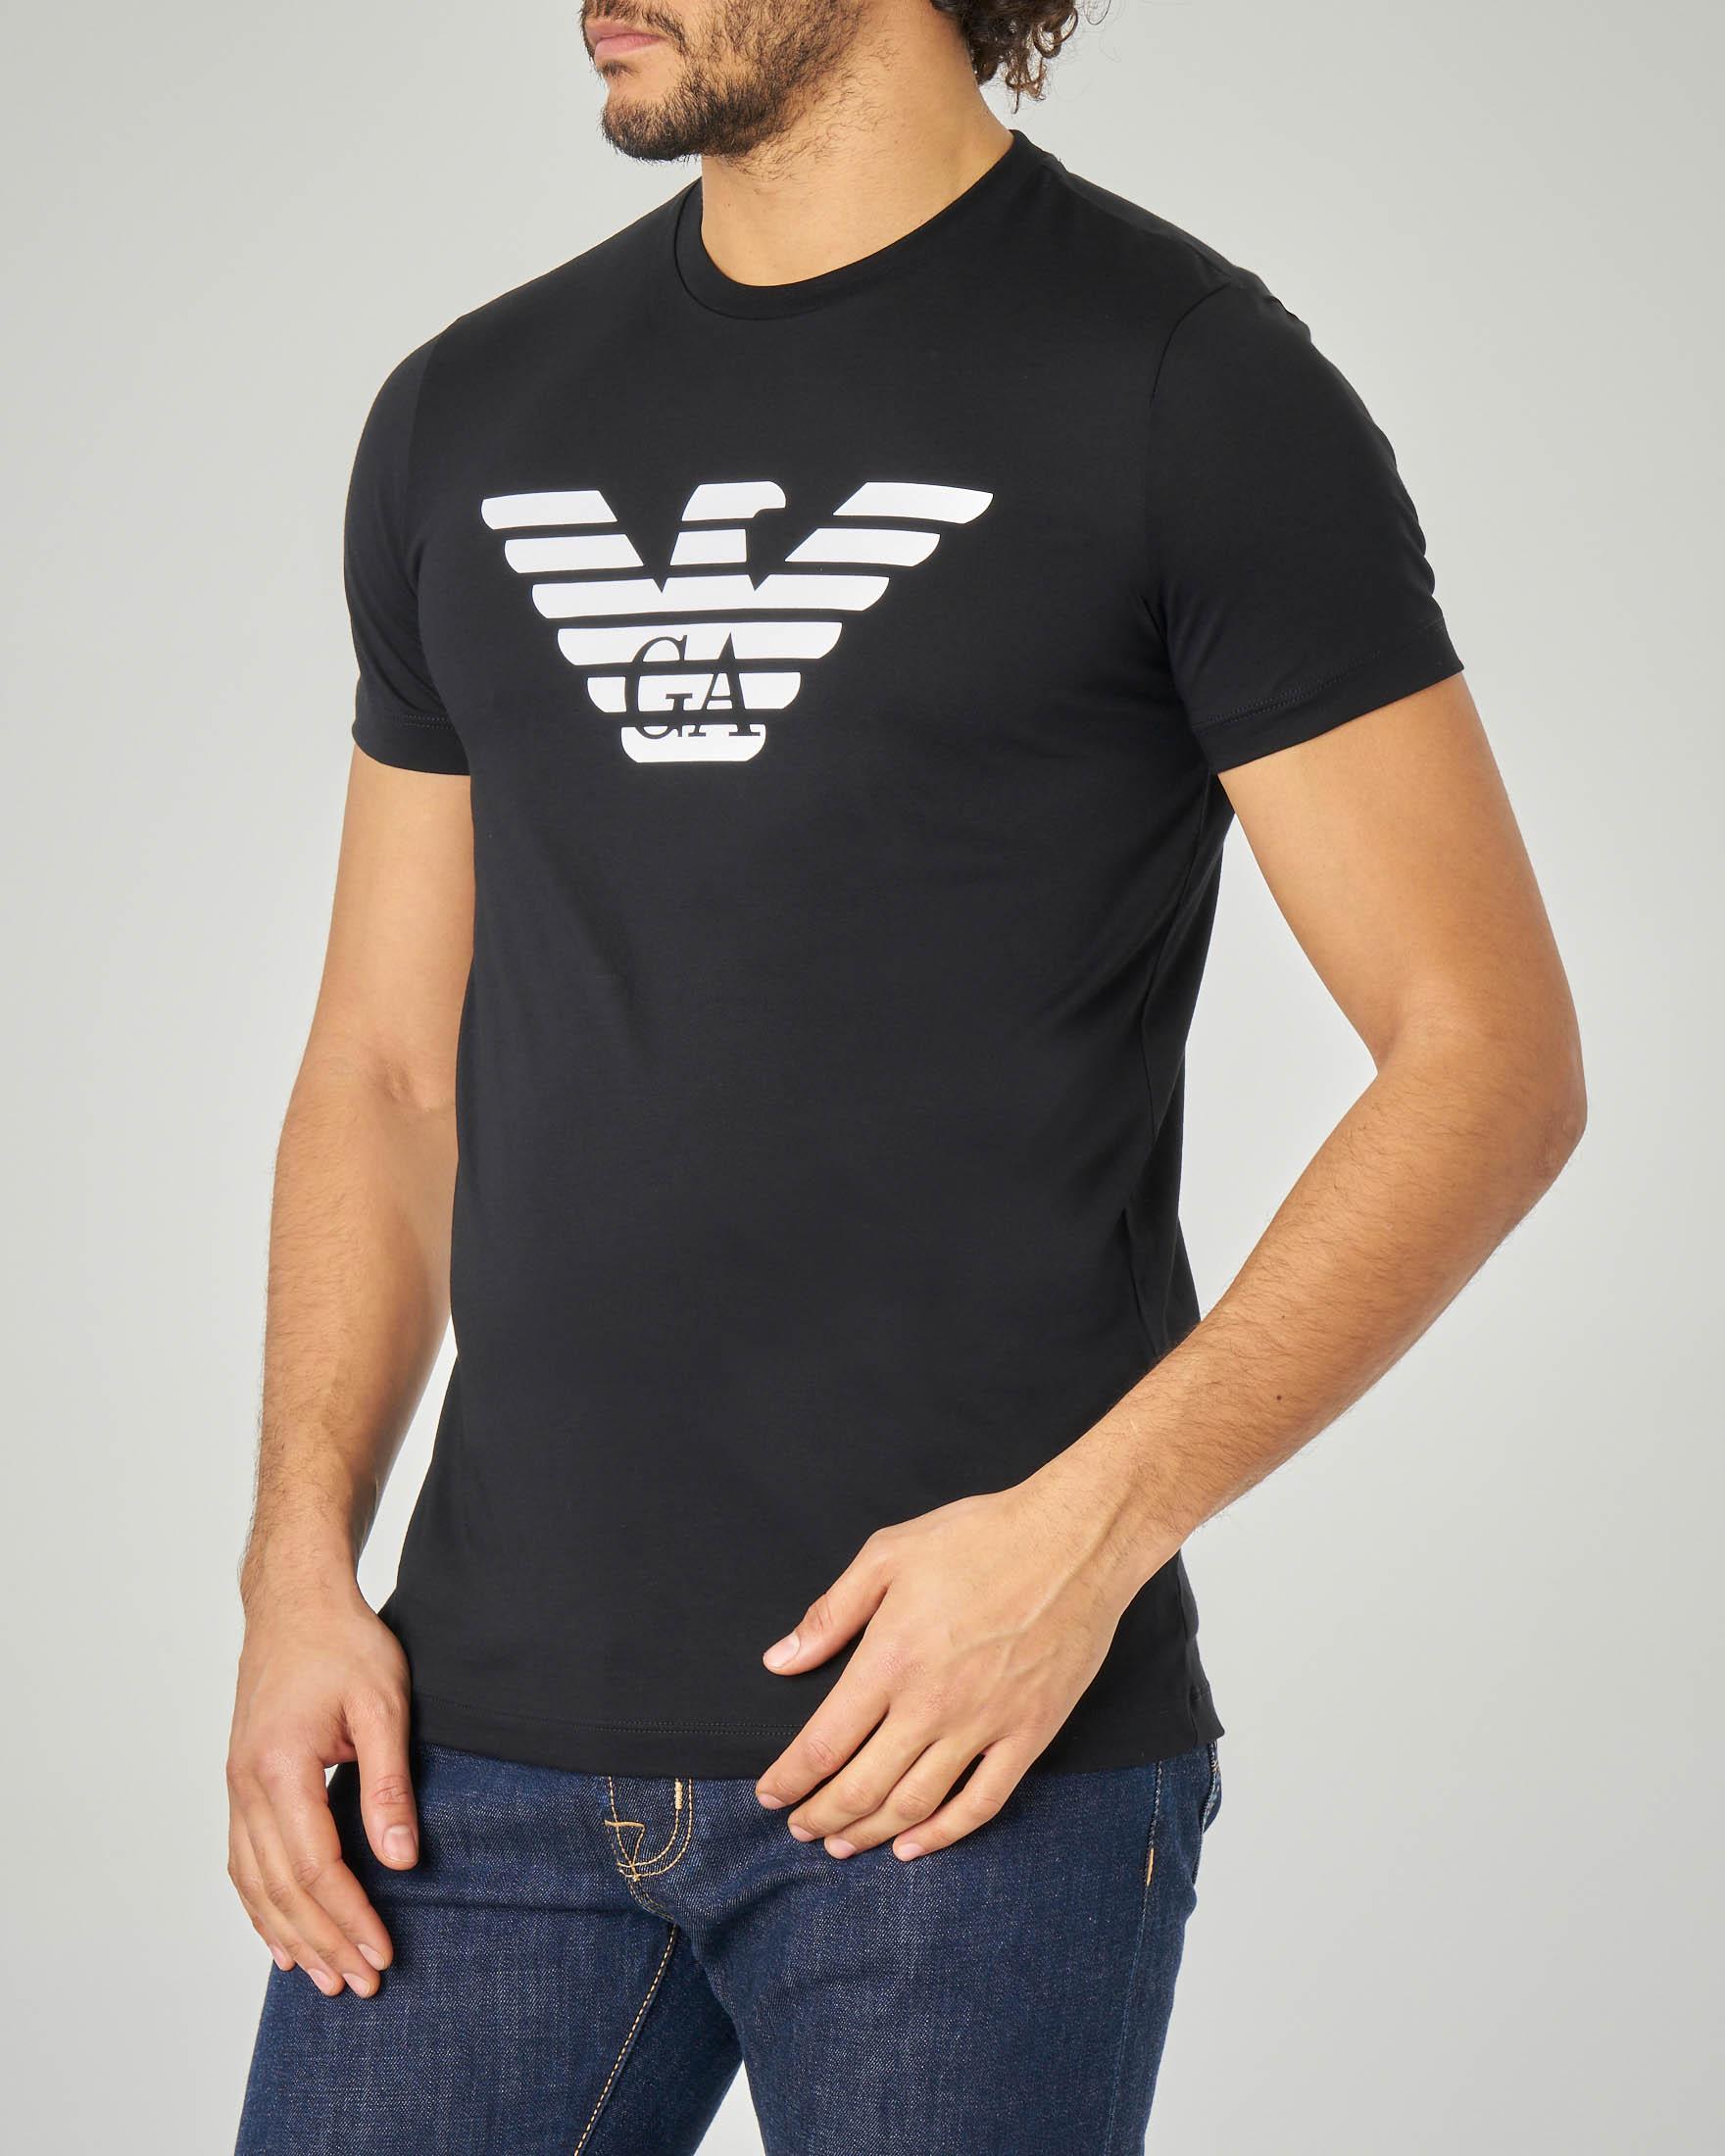 T-shirt nera in pima cotton con aquila stampata